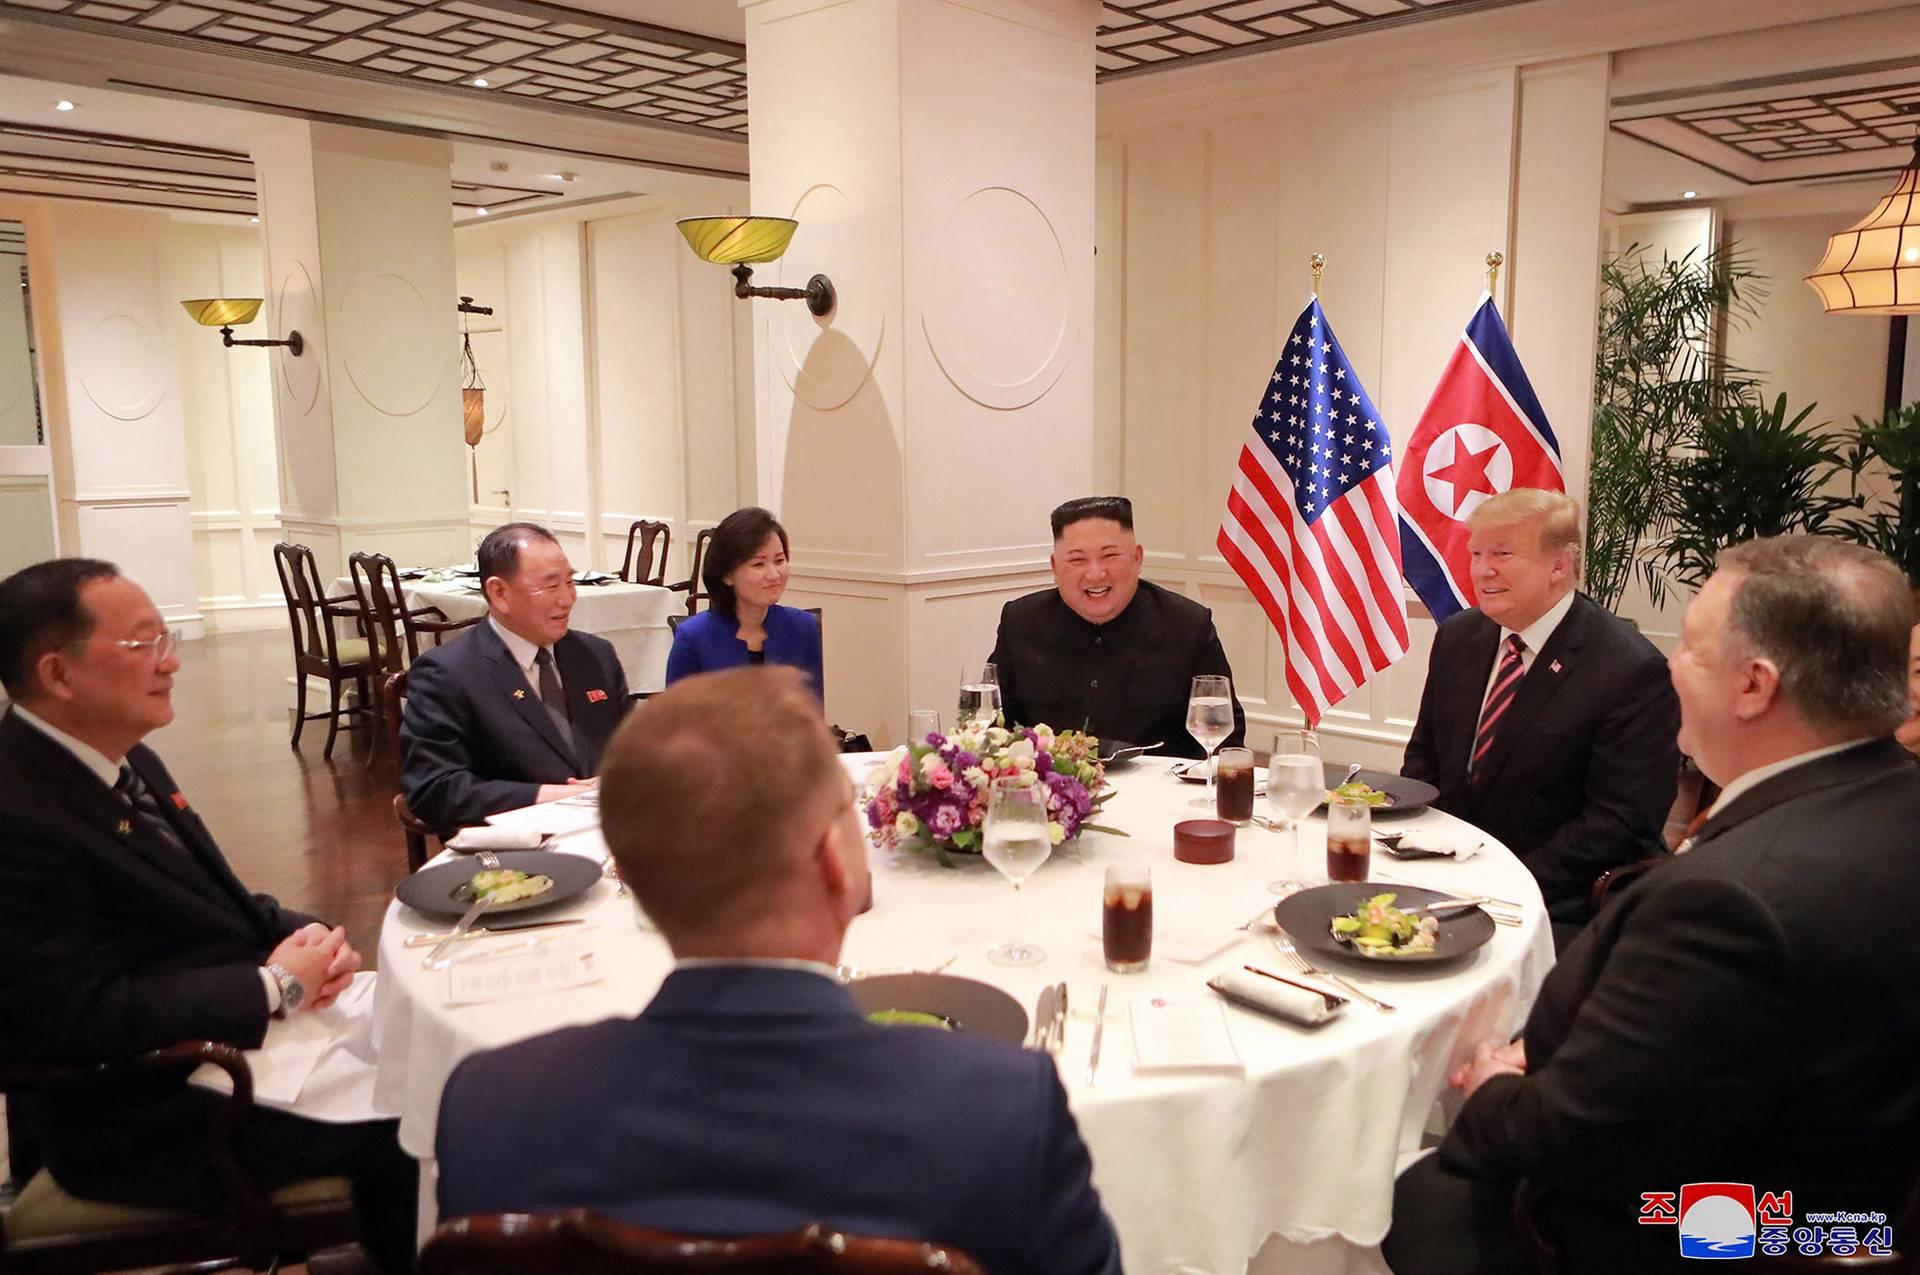 Спільний обід, початок якого начебто показали на камери журналістам, насправді так і не відбувся, лідери США і КНДР покинули Ханой, так і не пообідавши разом, В'єтнам, 27 лютого 2019 року